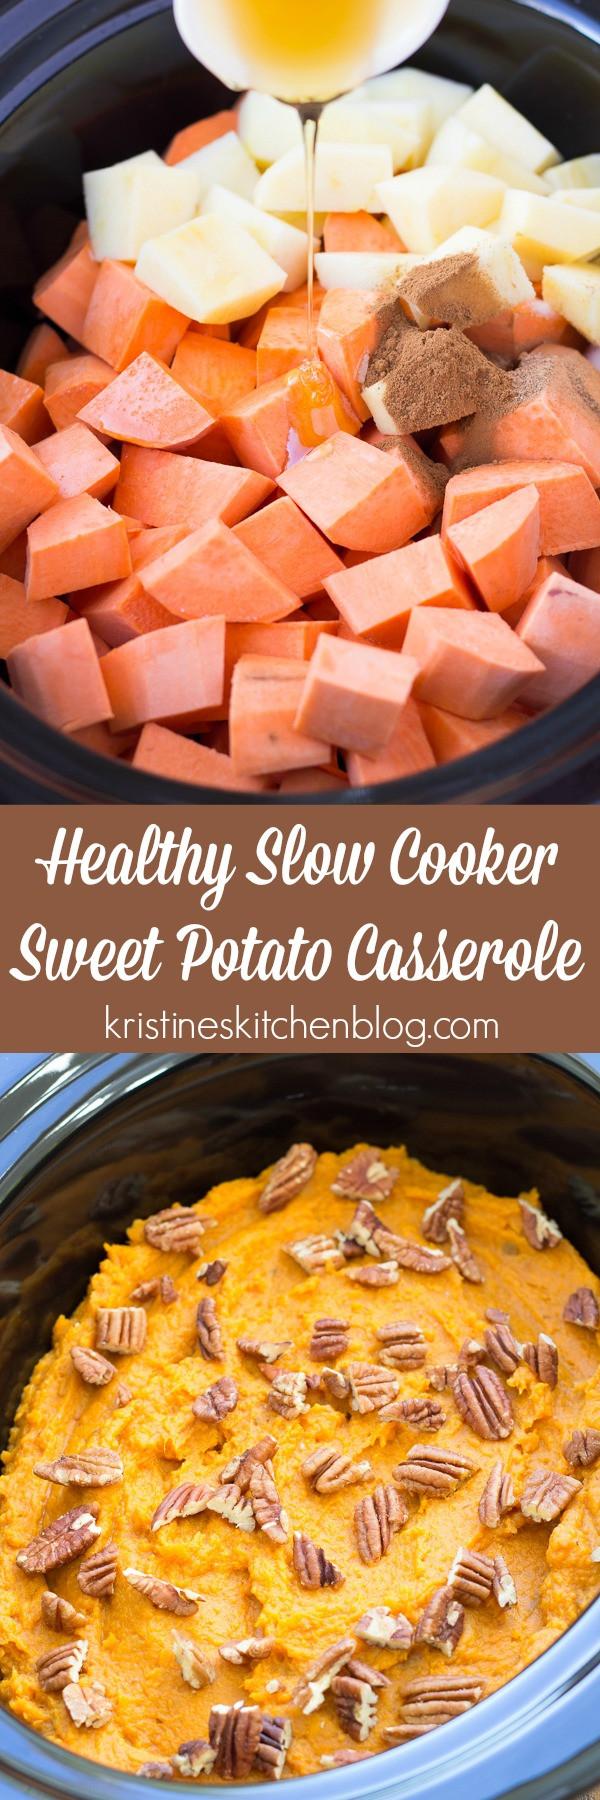 Crock Pot Sweet Potato Casserole  Healthy Slow Cooker Sweet Potato Casserole Kristine s